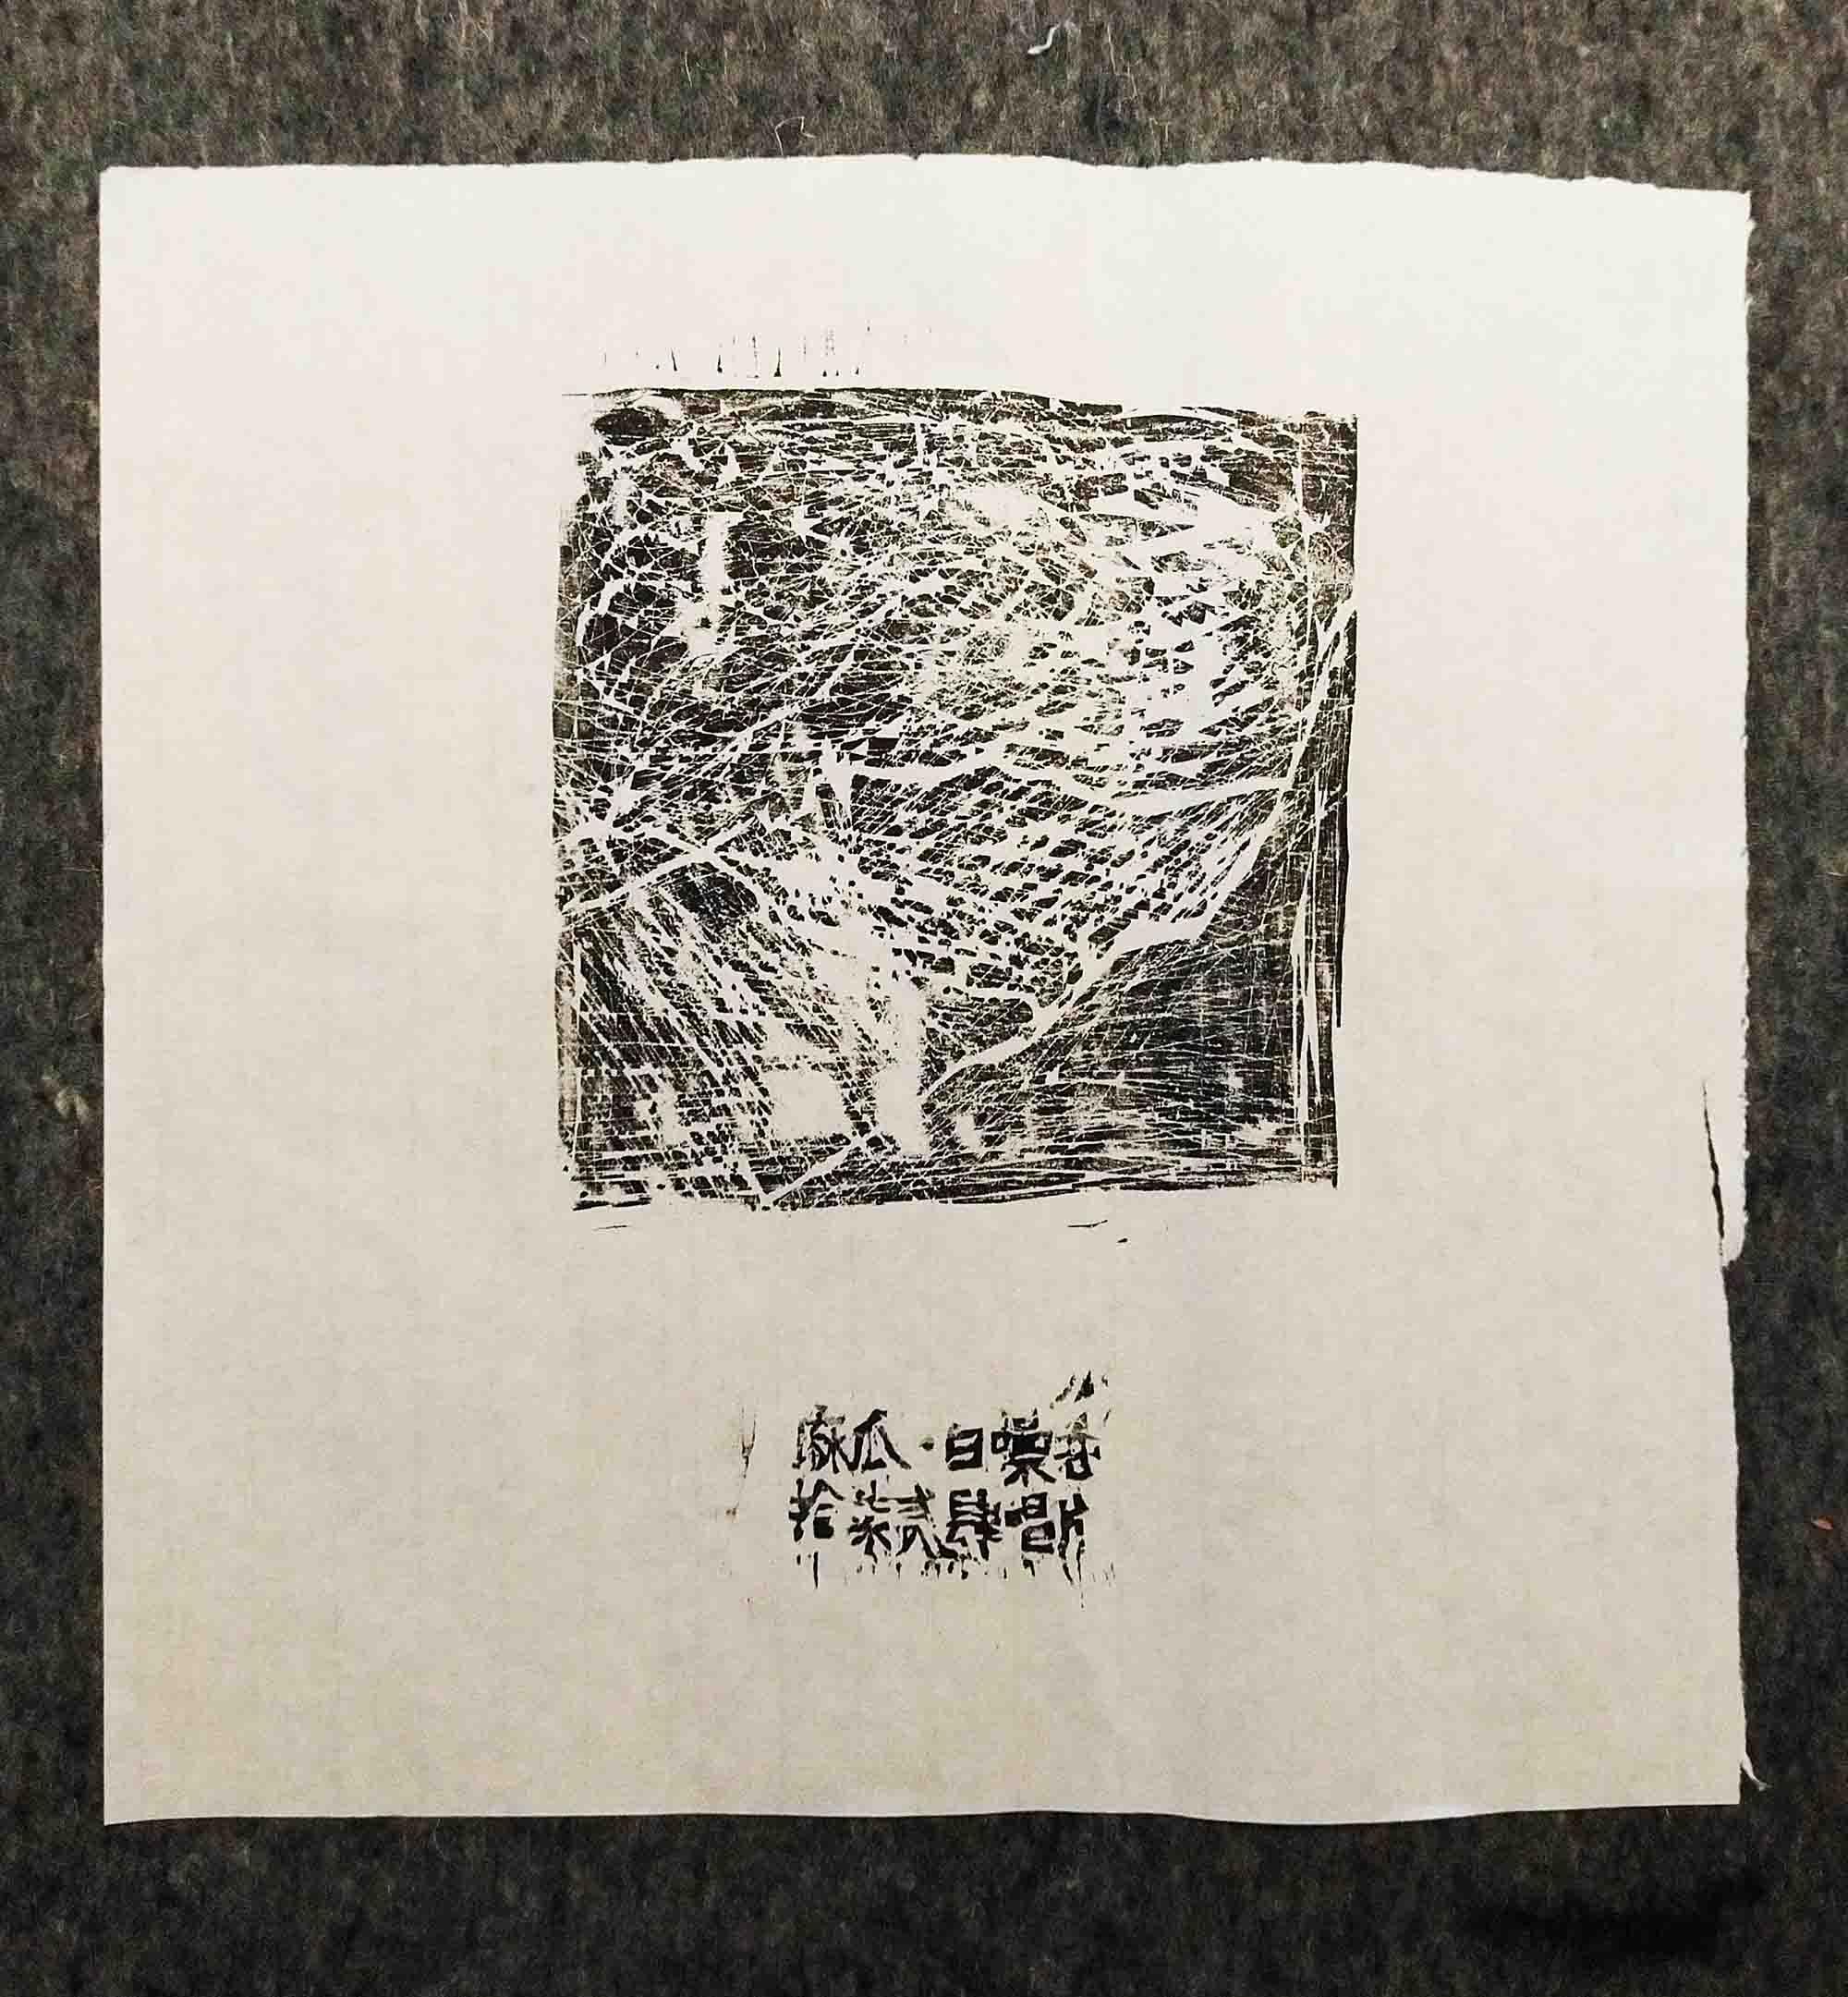 图案四,麻瓜黑胶唱片《白噪音》预售附赠熟宣版画